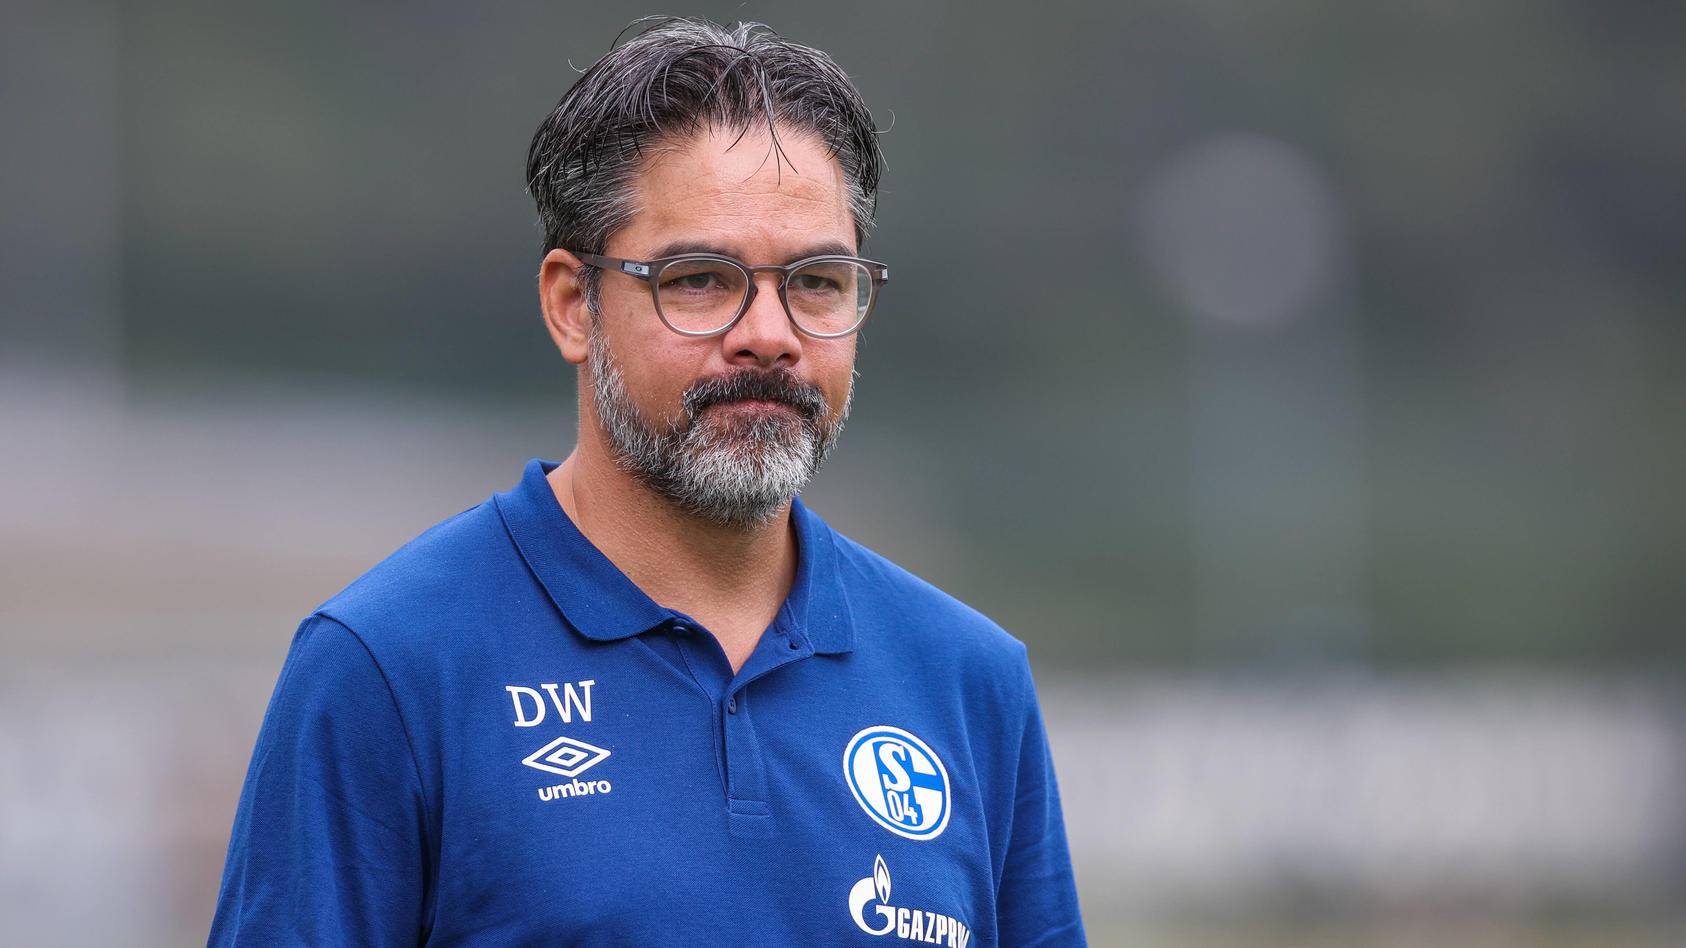 28.08.2020, Fussball, Saison 2020/2021, Testspiel, FC Schalke 04 - Aris Saloniki, Cheftrainer David Wagner (FC Schalke